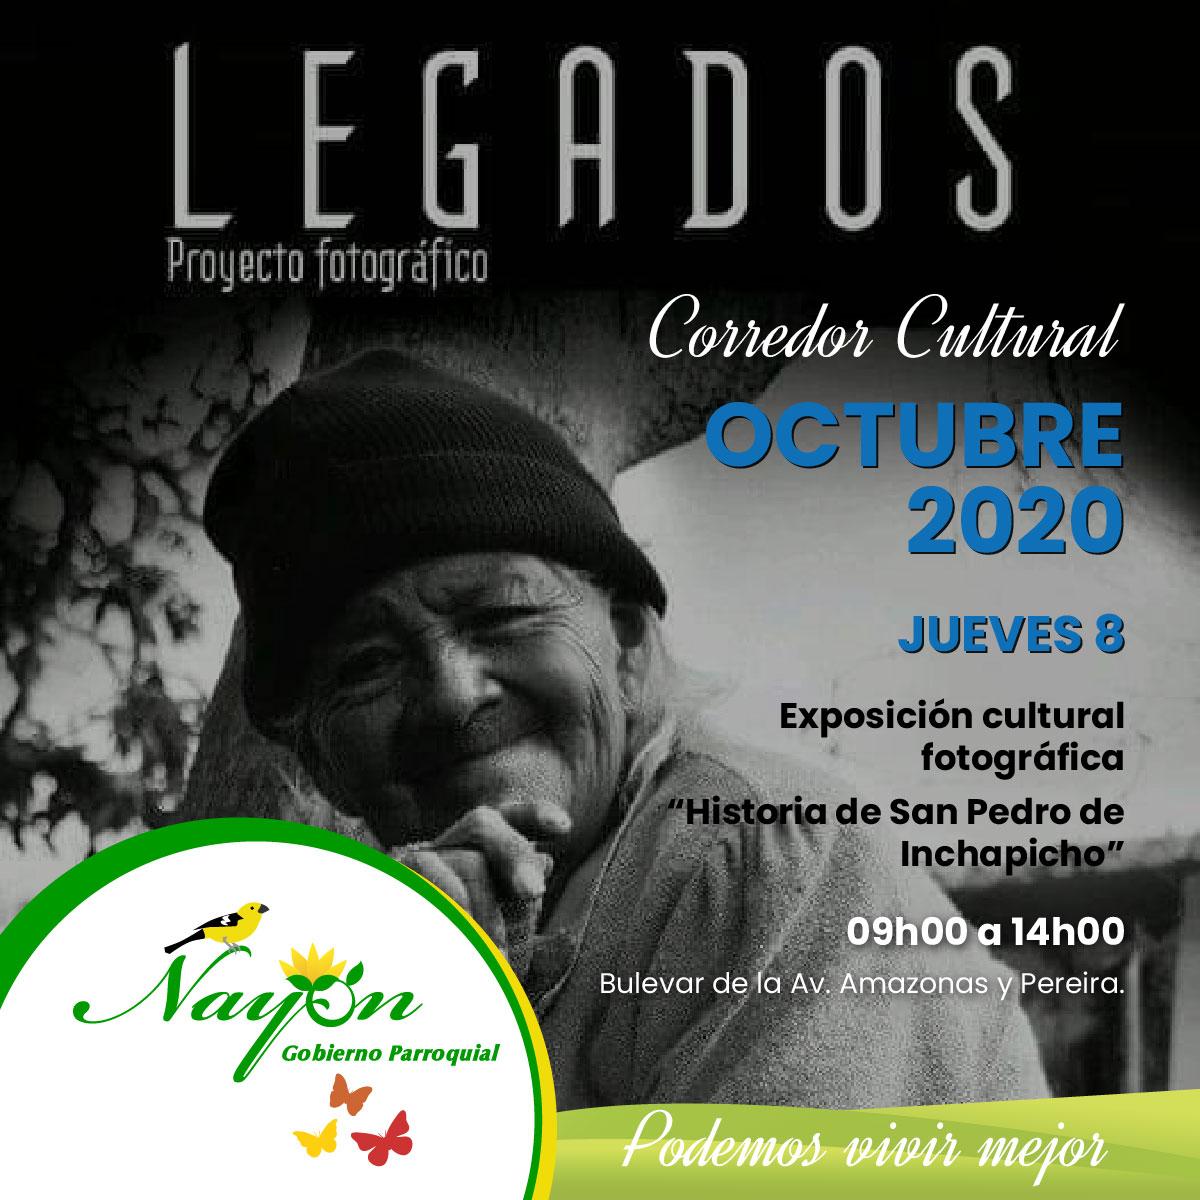 Exposición Fotográfica - San Pedro de Inchapicho